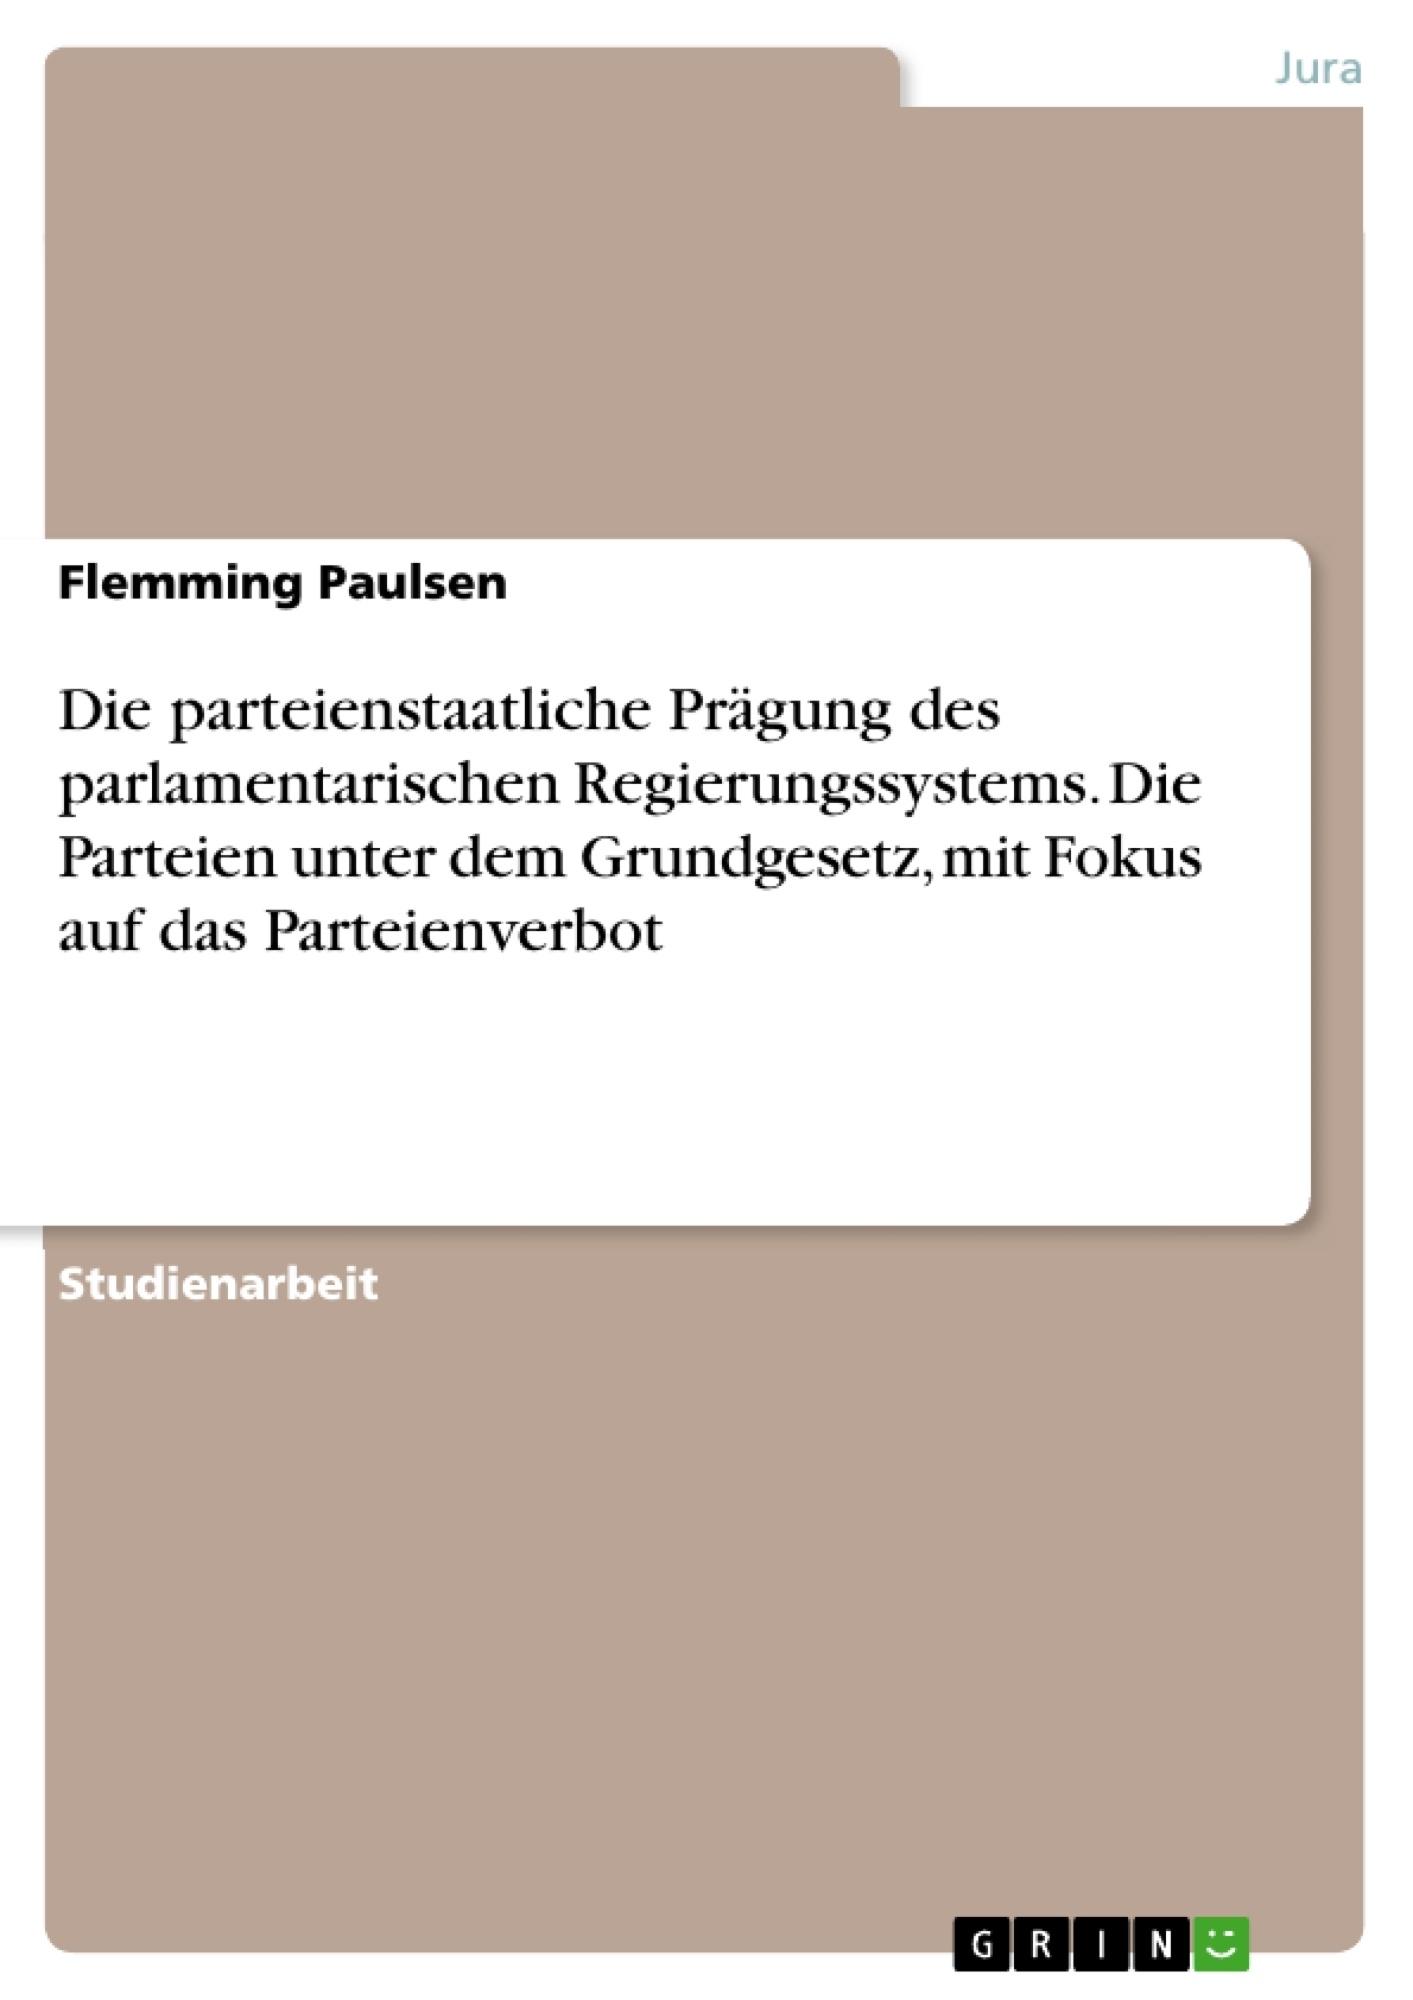 Titel: Die parteienstaatliche Prägung des parlamentarischen Regierungssystems. Die Parteien unter dem Grundgesetz, mit Fokus auf das Parteienverbot